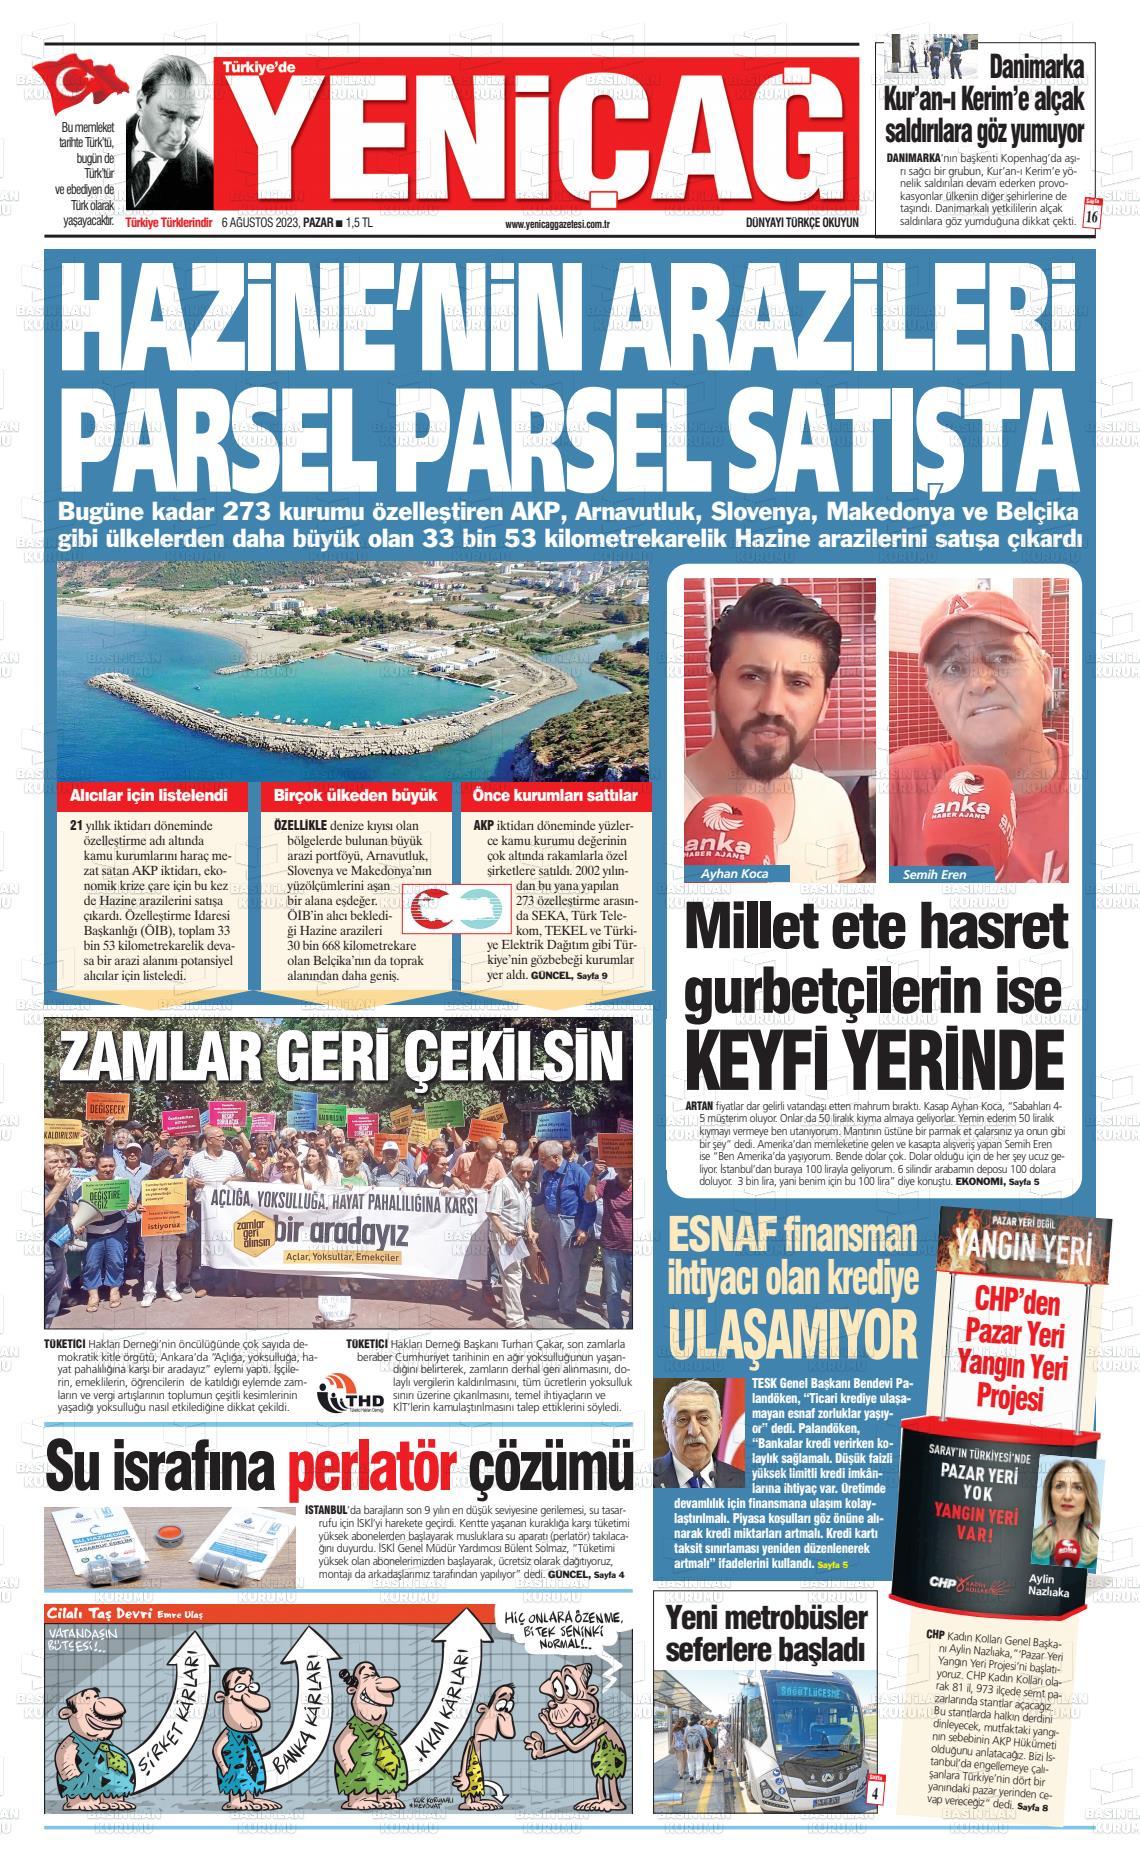 yenicag Gazetesi